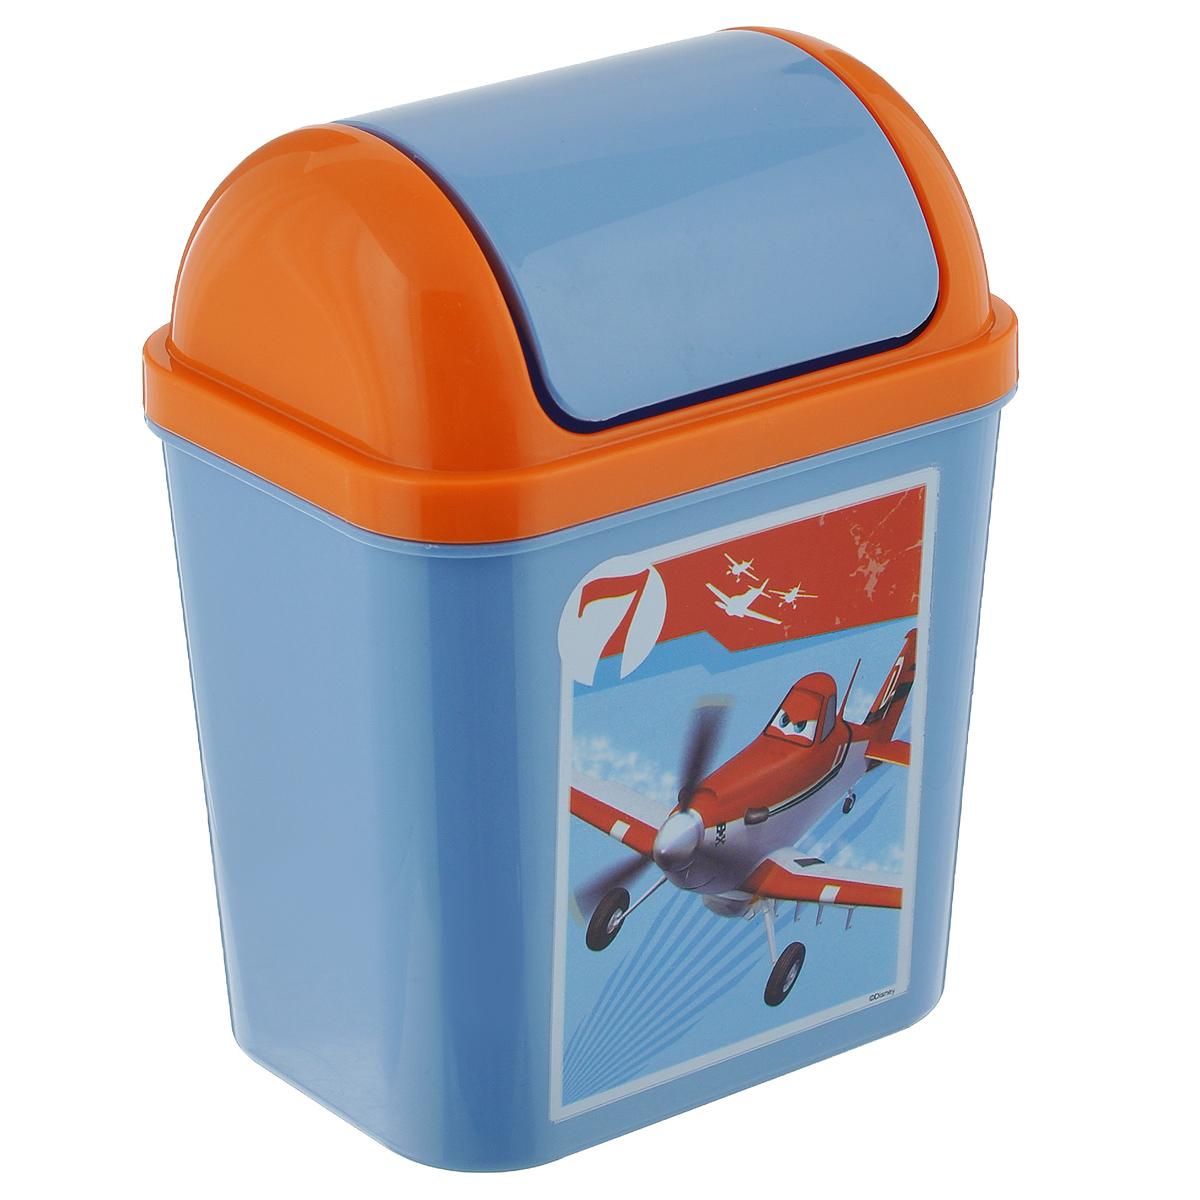 Контейнер для мусора Полимербыт Тачки, самолеты, цвет: синий, оранжевый, 0,8 лС49177Контейнер для мусора Полимербыт Тачки изготовлен из прочного пластика и декорирован ярким цветным рисунком. Такой аксессуар очень удобен в использовании как дома, так и в офисе. Контейнер снабжен удобной поворачивающейся крышкой. Стильный дизайн сделает его прекрасным украшением интерьера.